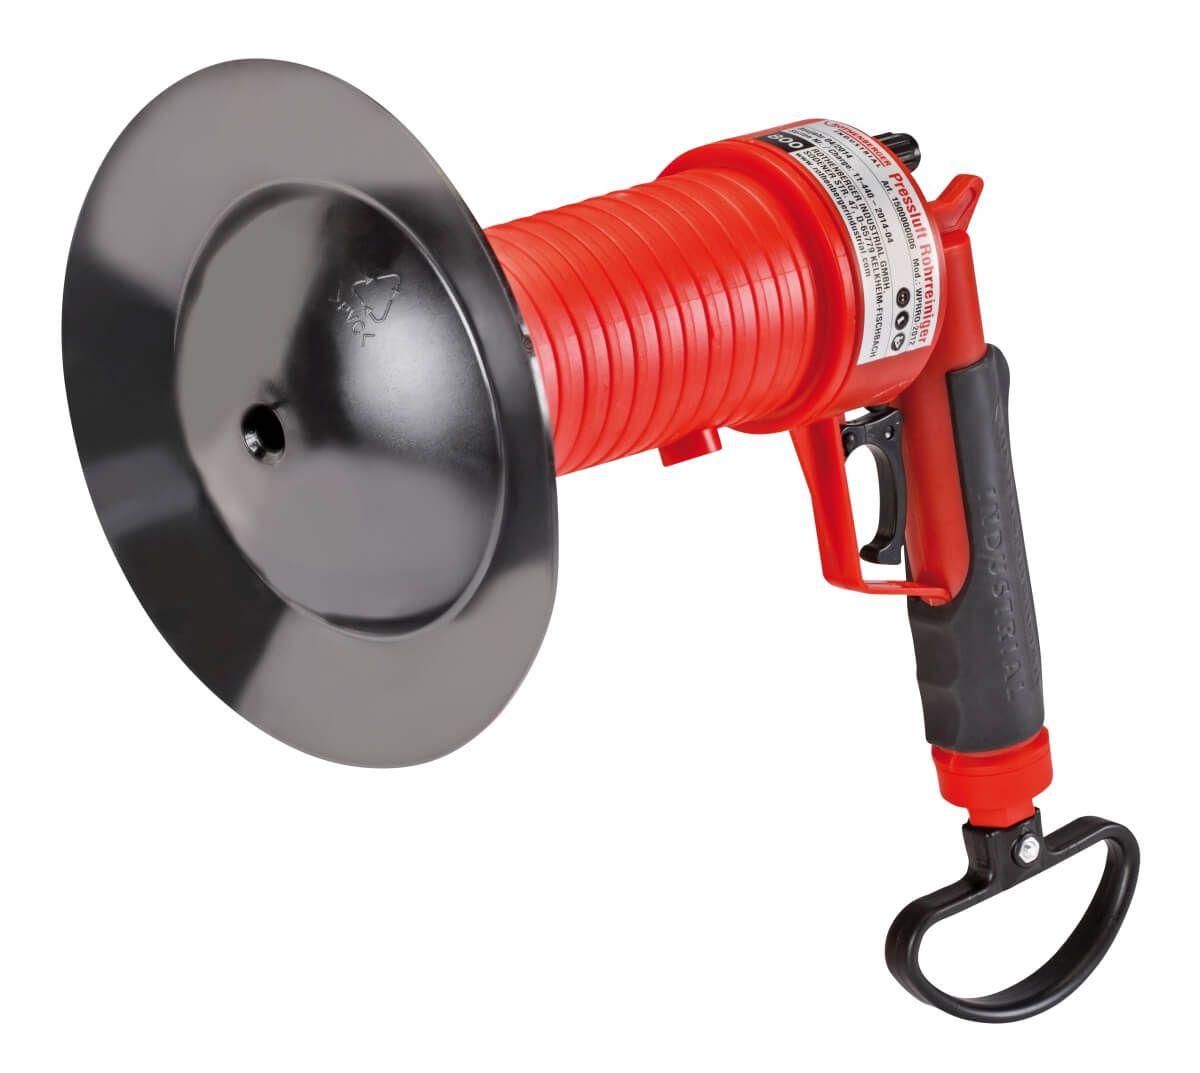 Pressluft Rohrreiniger Rothenberger Rohrreinigung mit